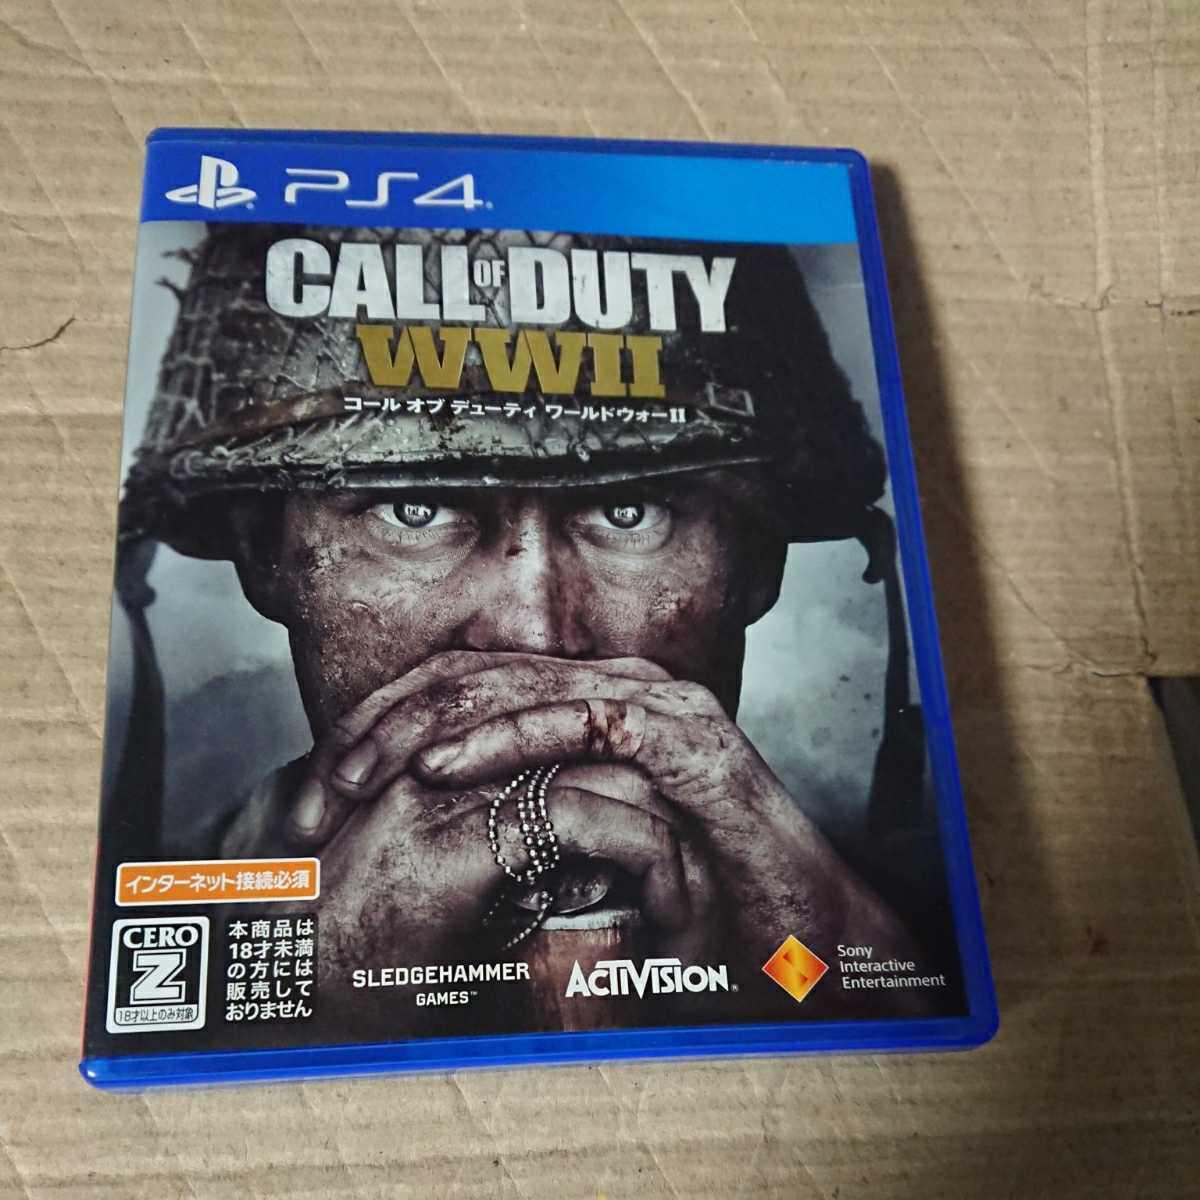 コール オブ デューティ ワールドウォー2 CALL OF DUTY WW2 PS4